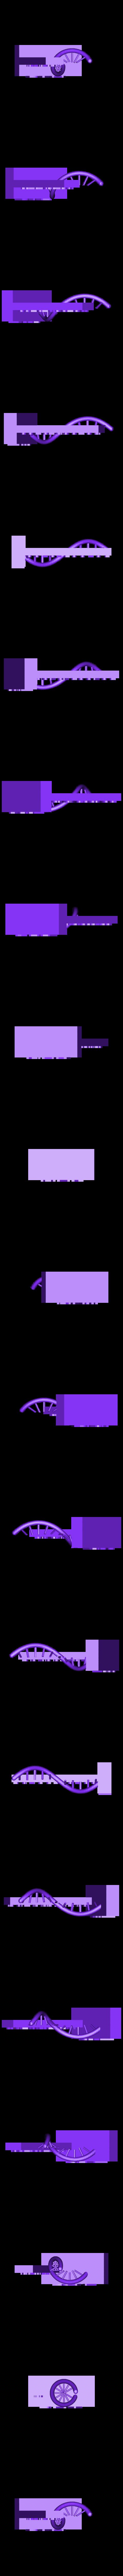 6l5jhTt8B4p.stl Télécharger fichier STL gratuit RNA Strand • Objet pour imprimante 3D, 3DPrintingGurus